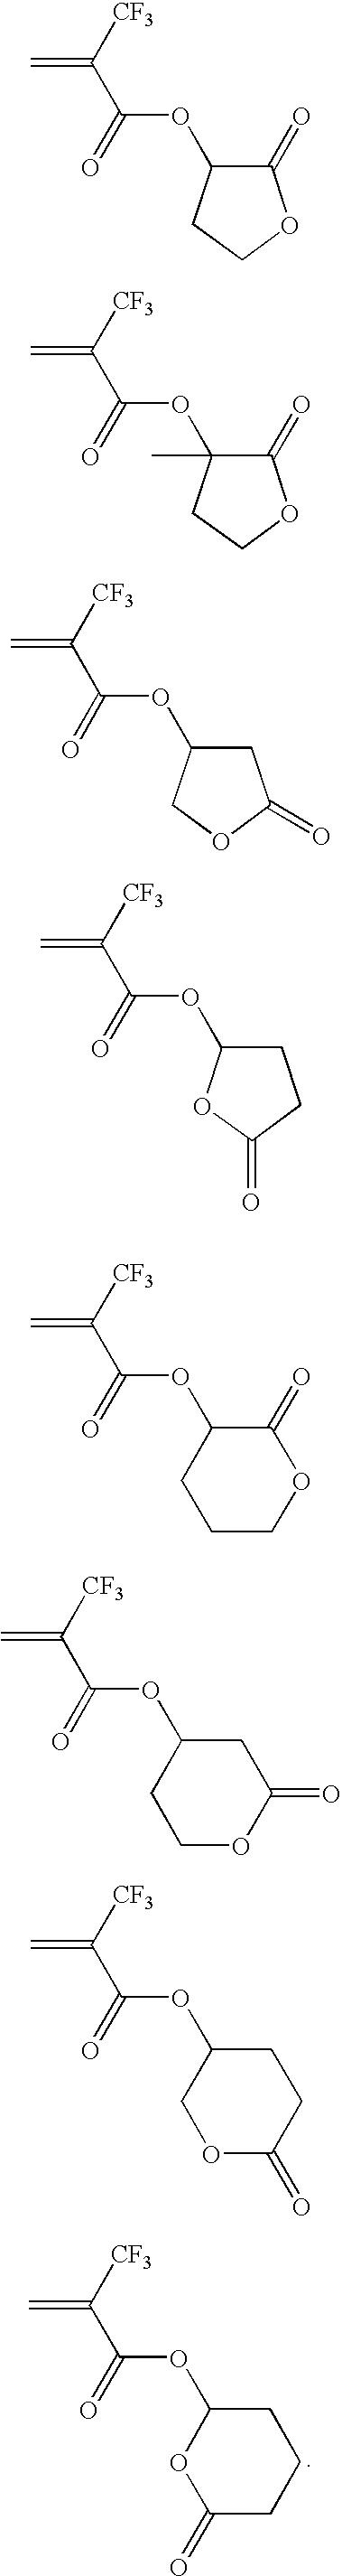 Figure US06680389-20040120-C00013